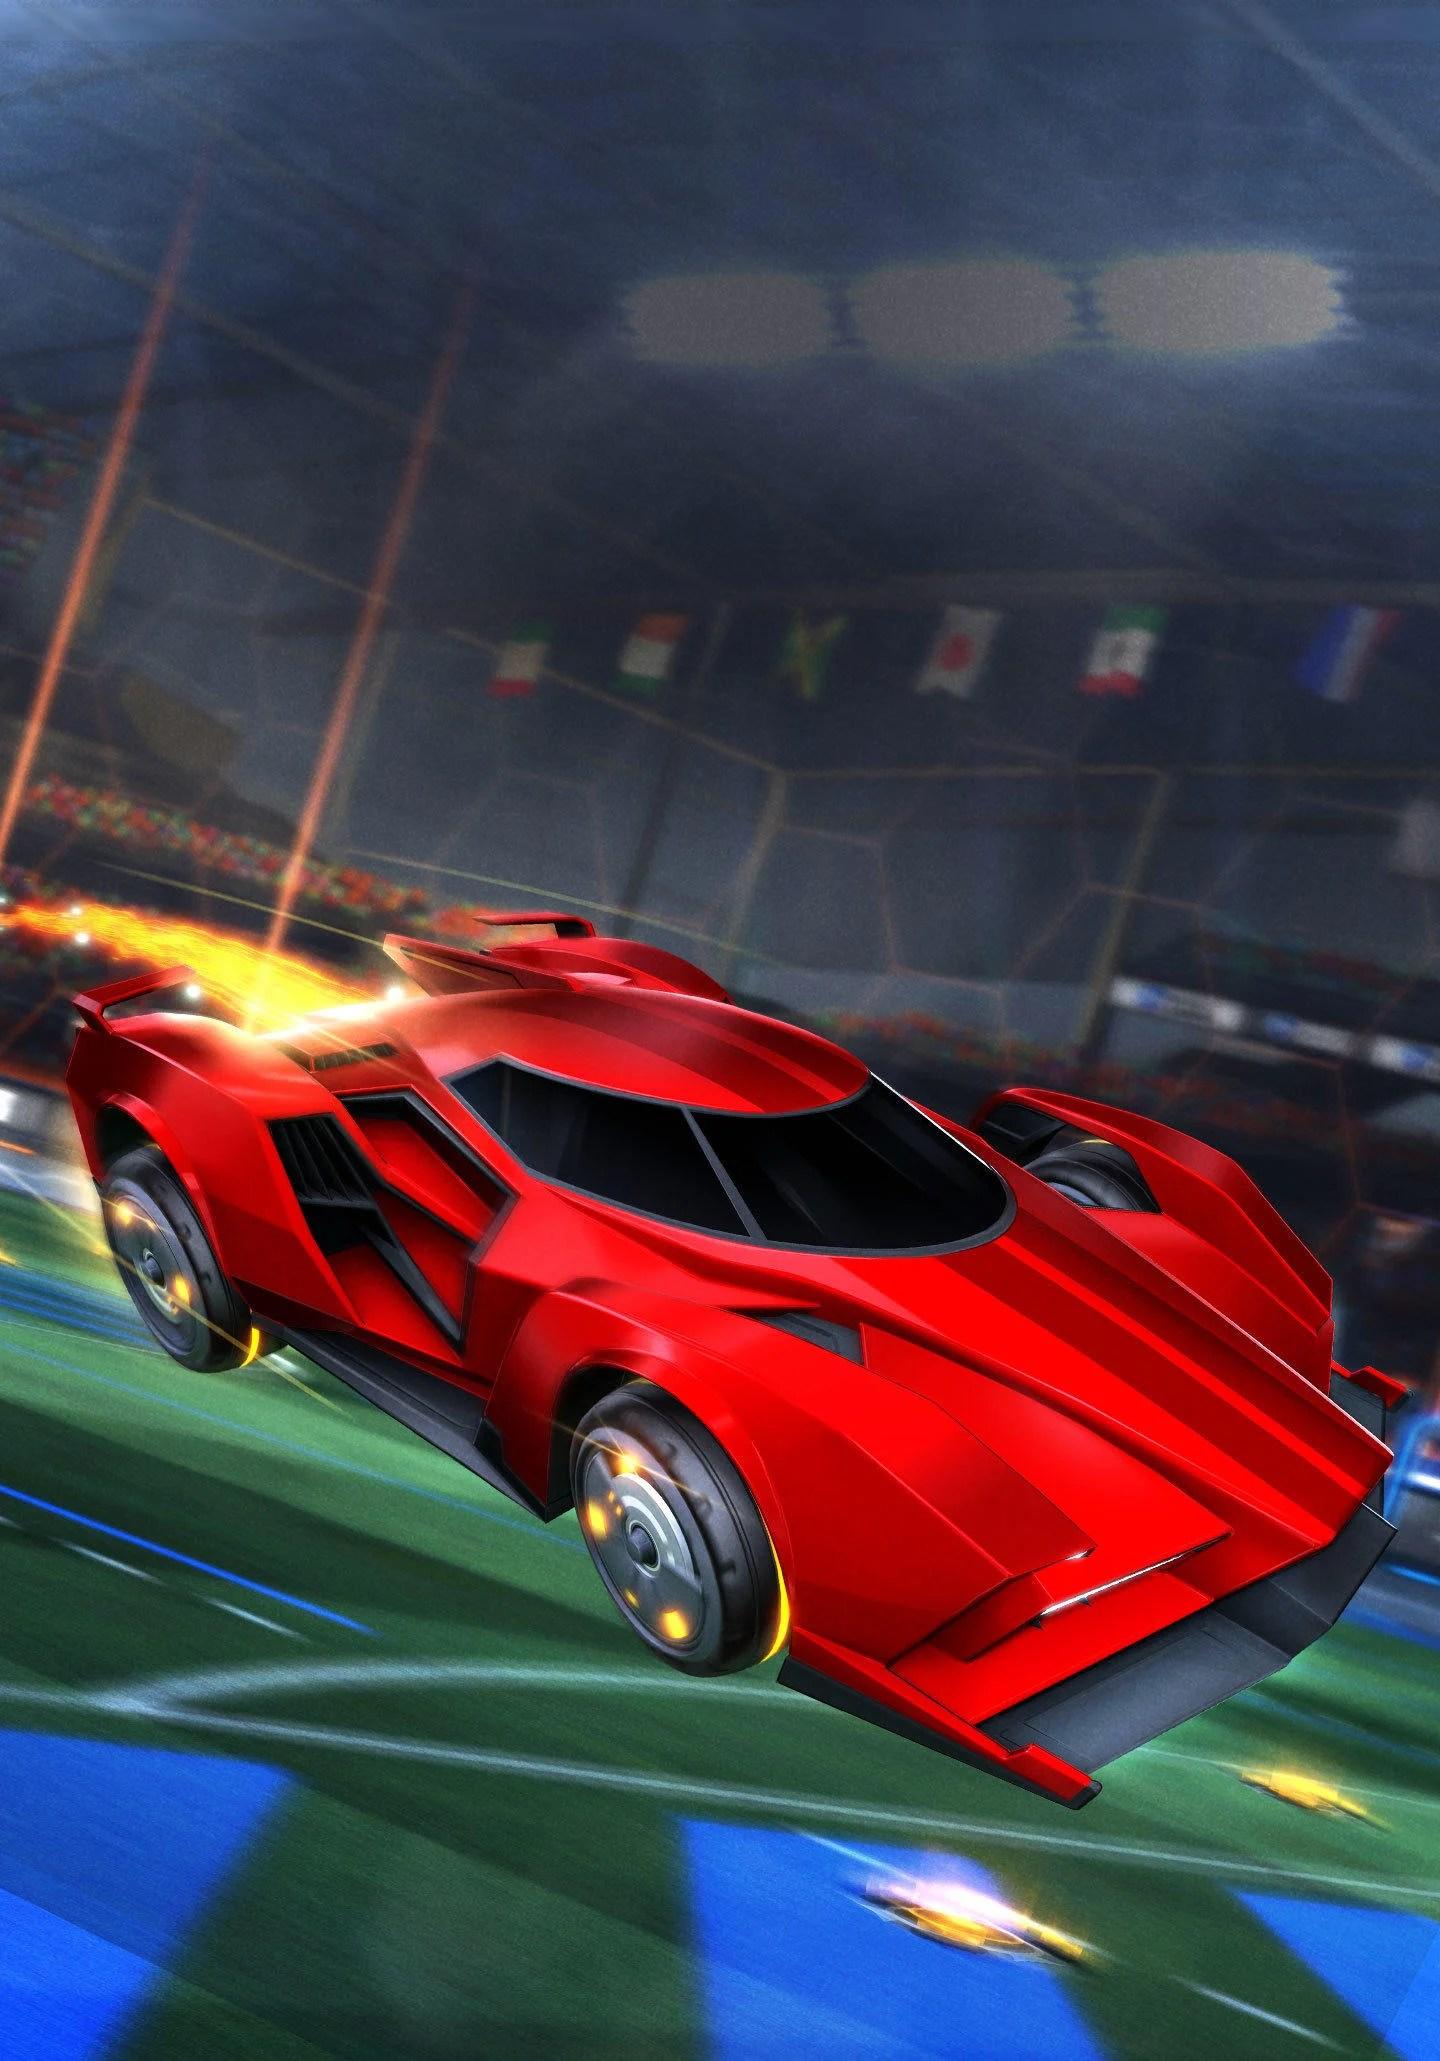 Best Car Wallpaper Download Tournaments Rocket League 174 Official Site